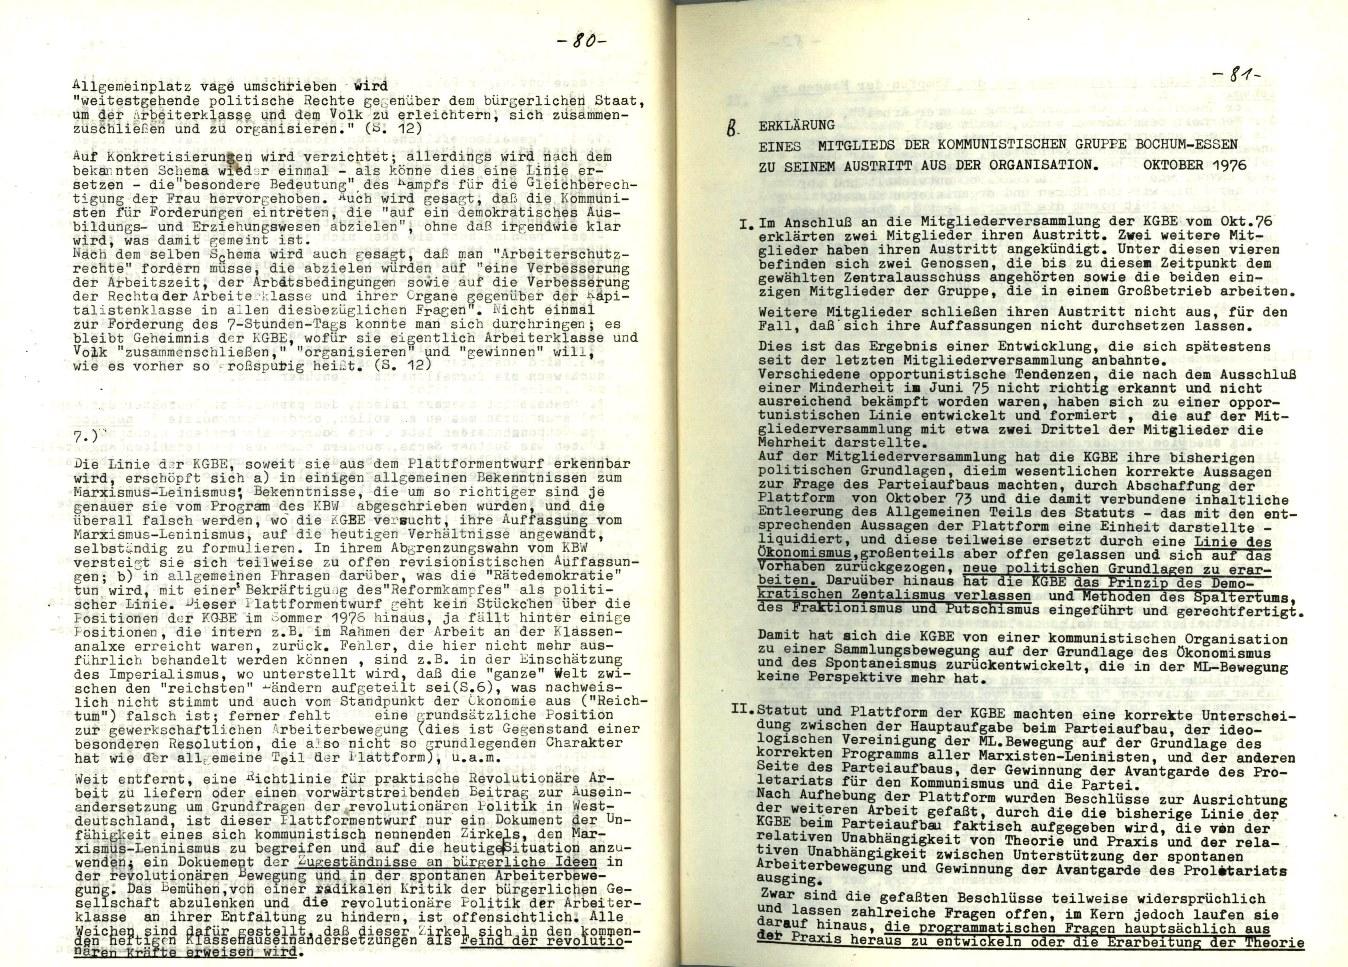 KGBE_Ehemalige_1977_Kritik_an_der_KGBE_44